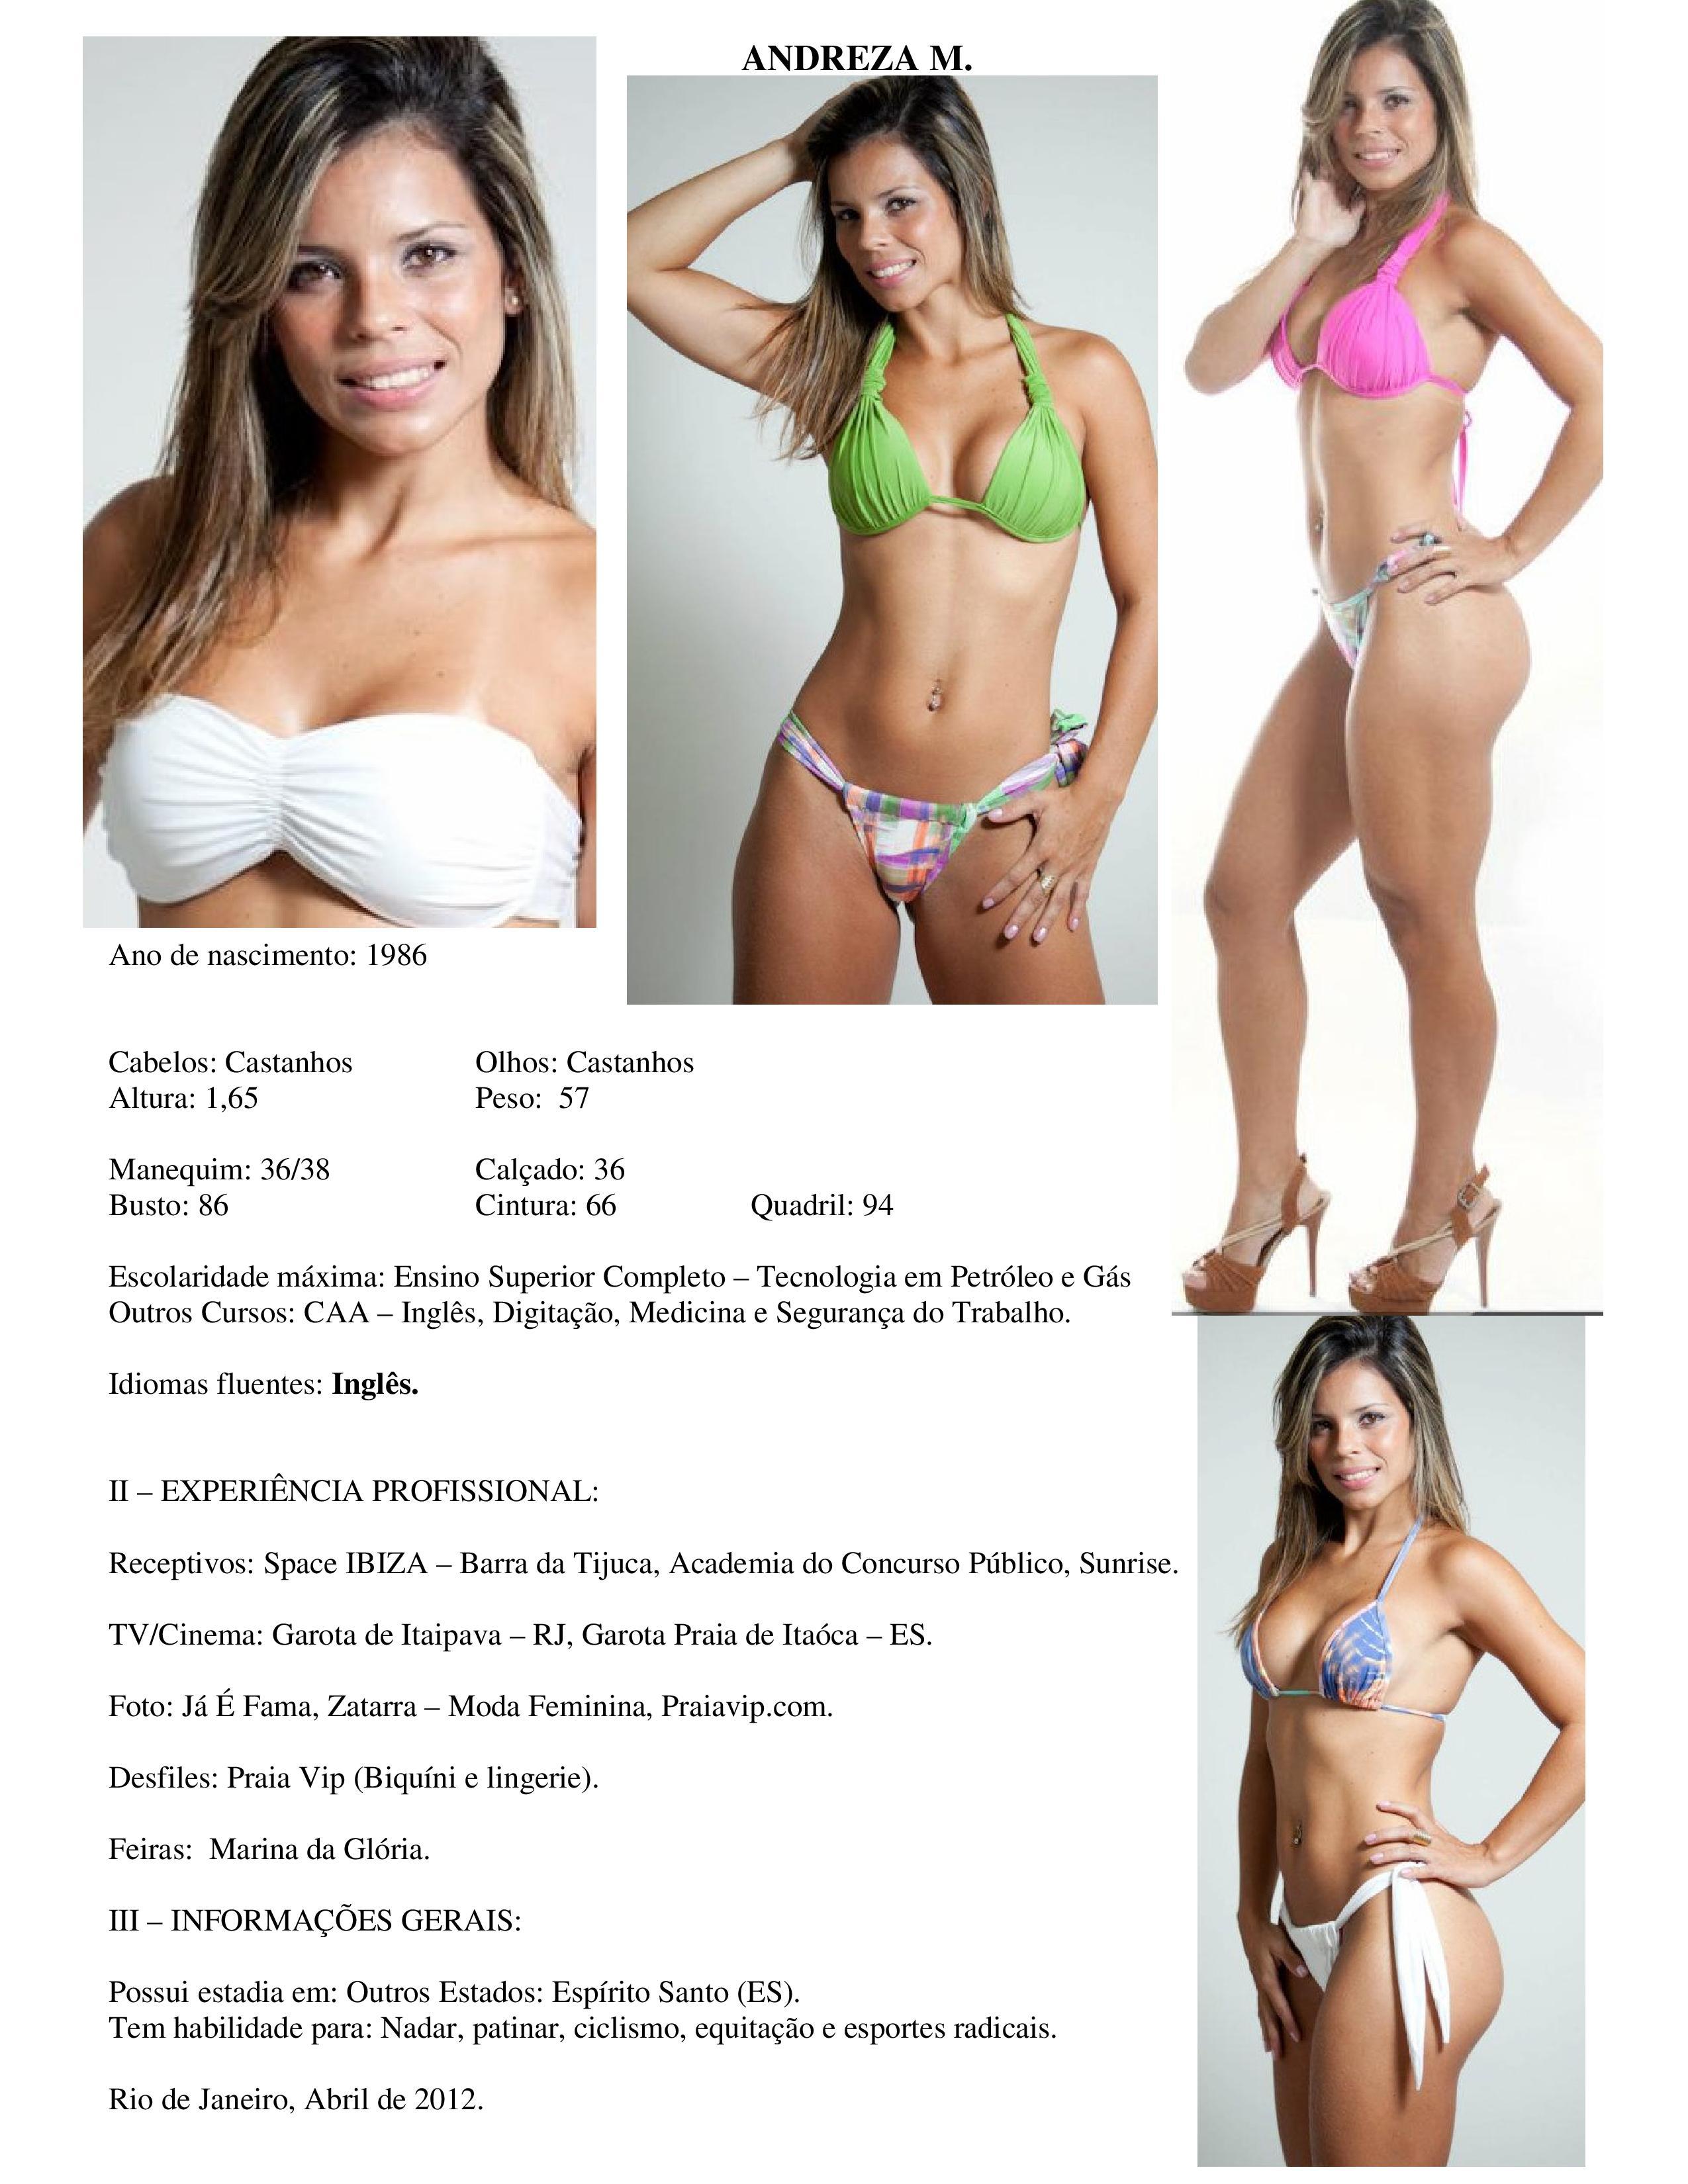 Andreza Marvila-page-001